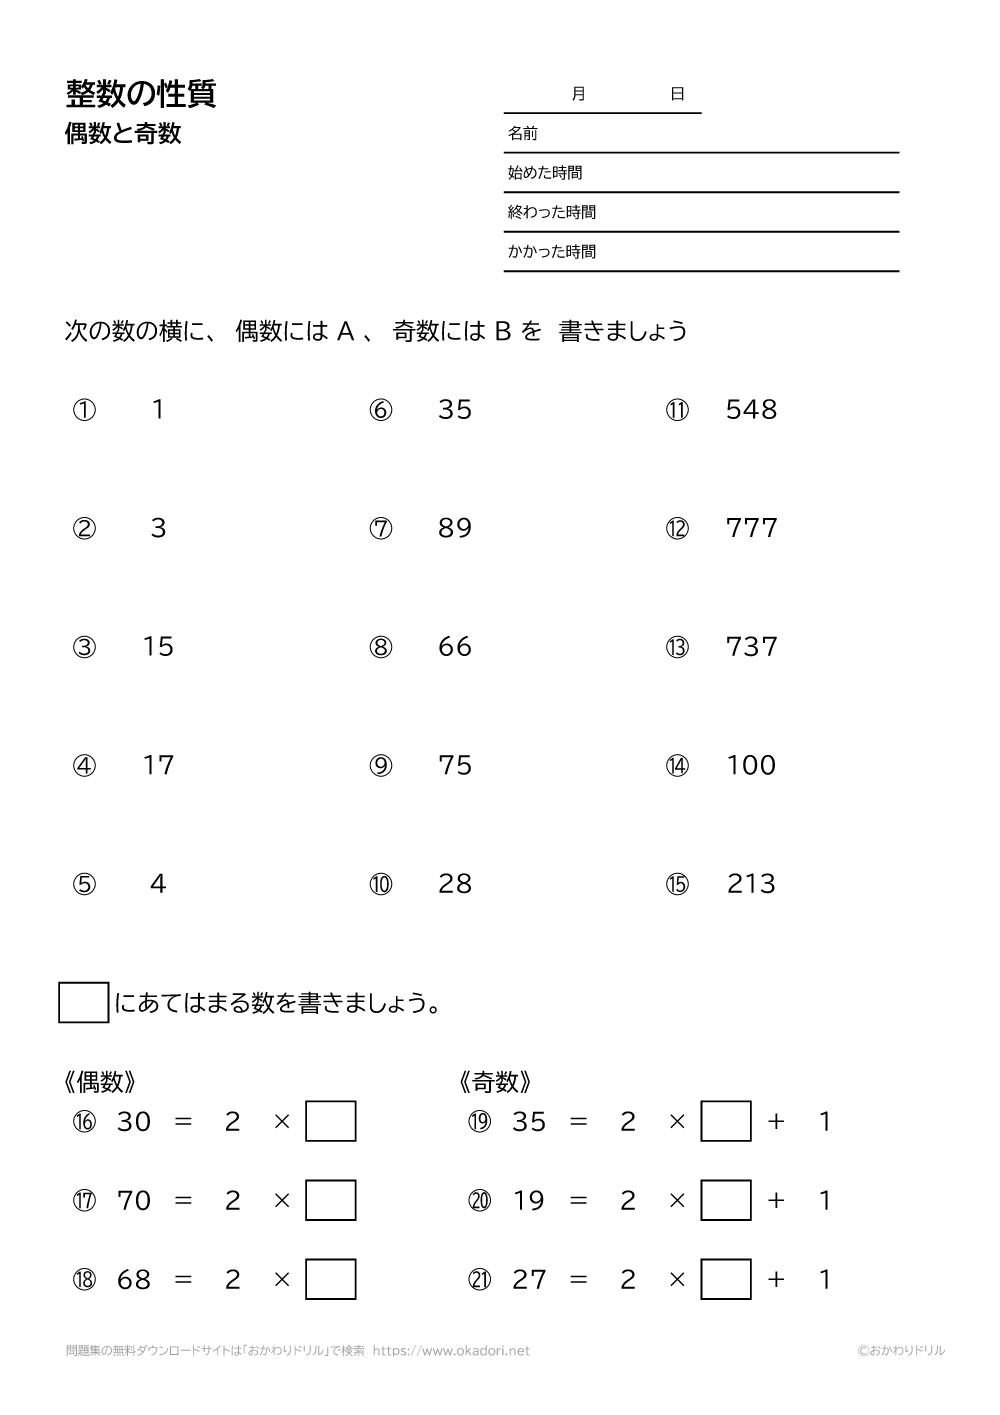 整数の性質-偶数と奇数-6